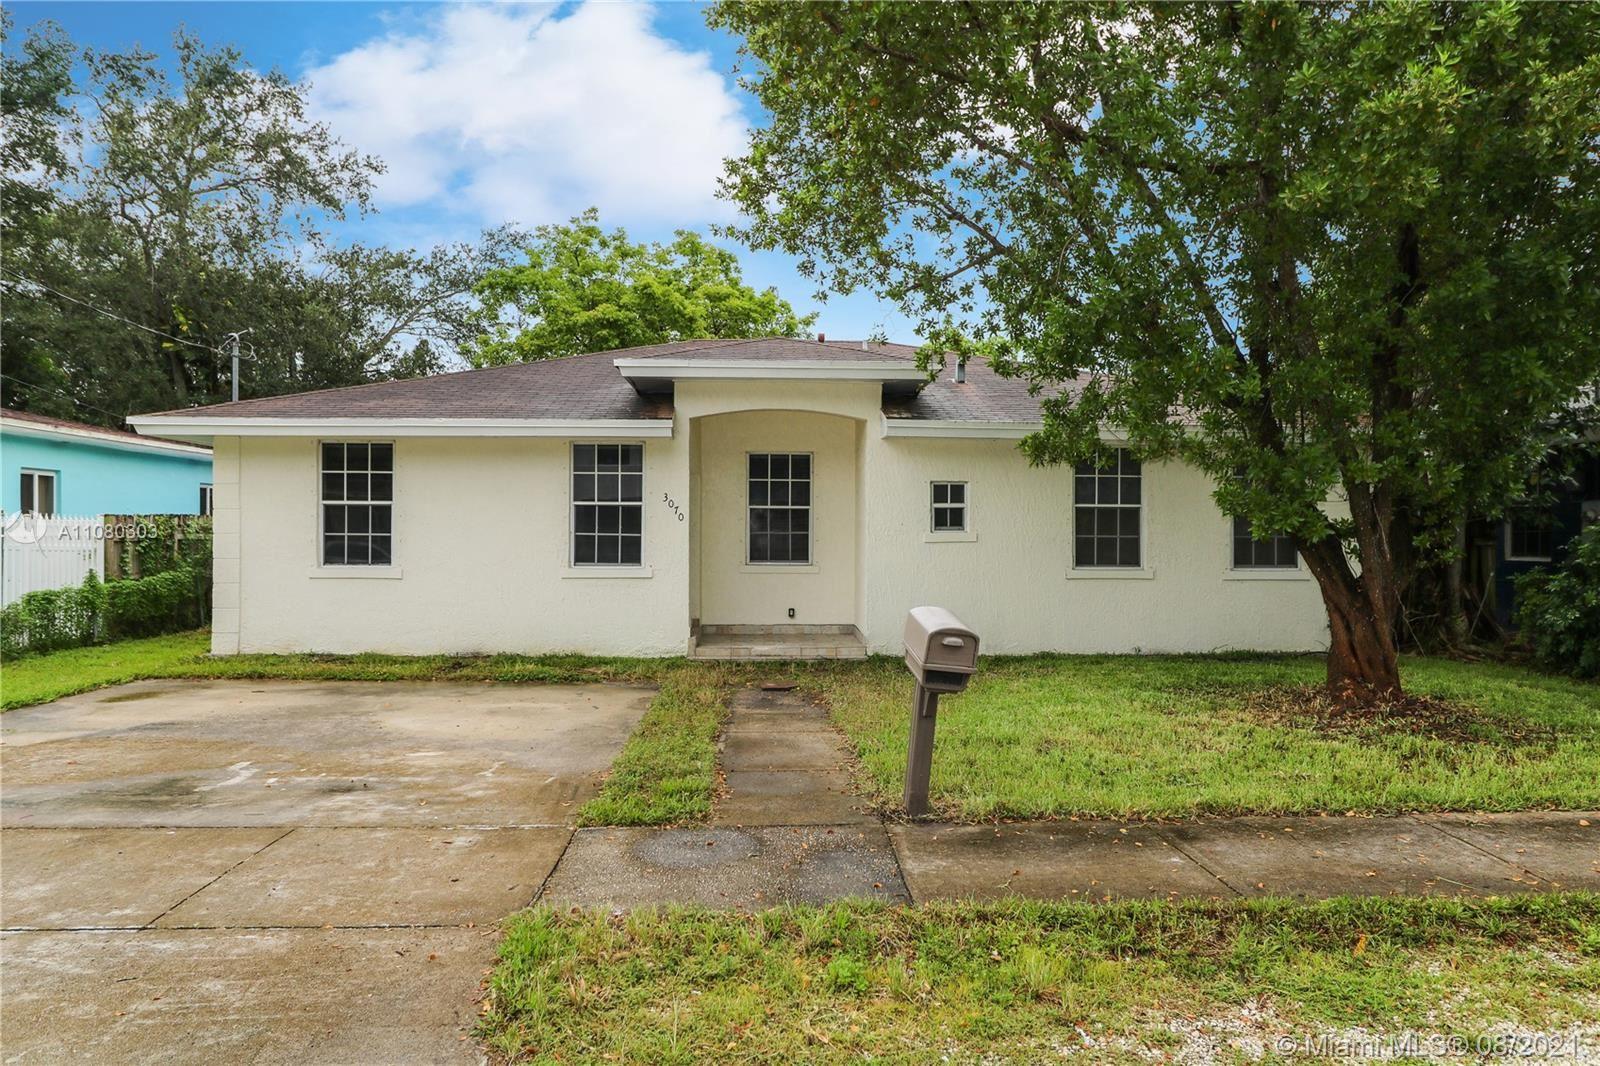 3070 NW 44th St, Miami, FL 33142 - #: A11080303